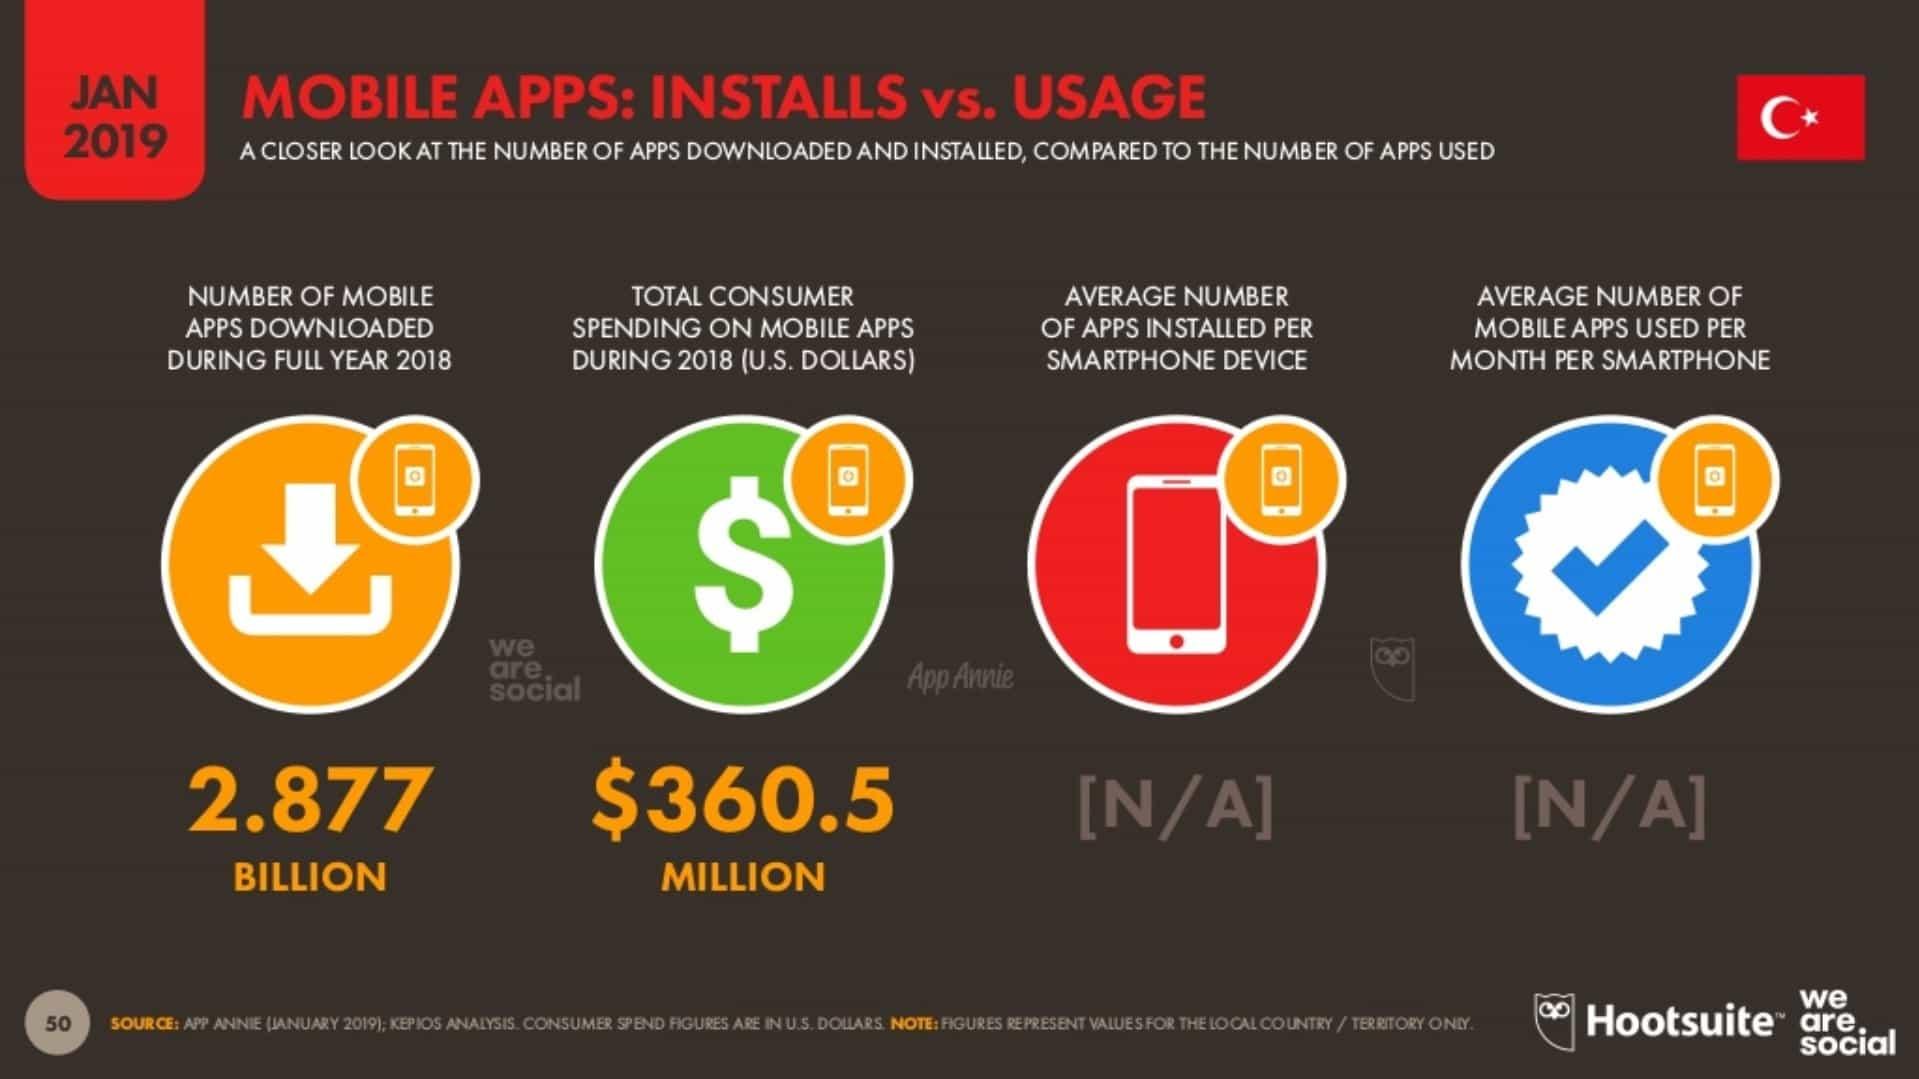 Mobil Uygulama İndirmeleri ve Kullanımı